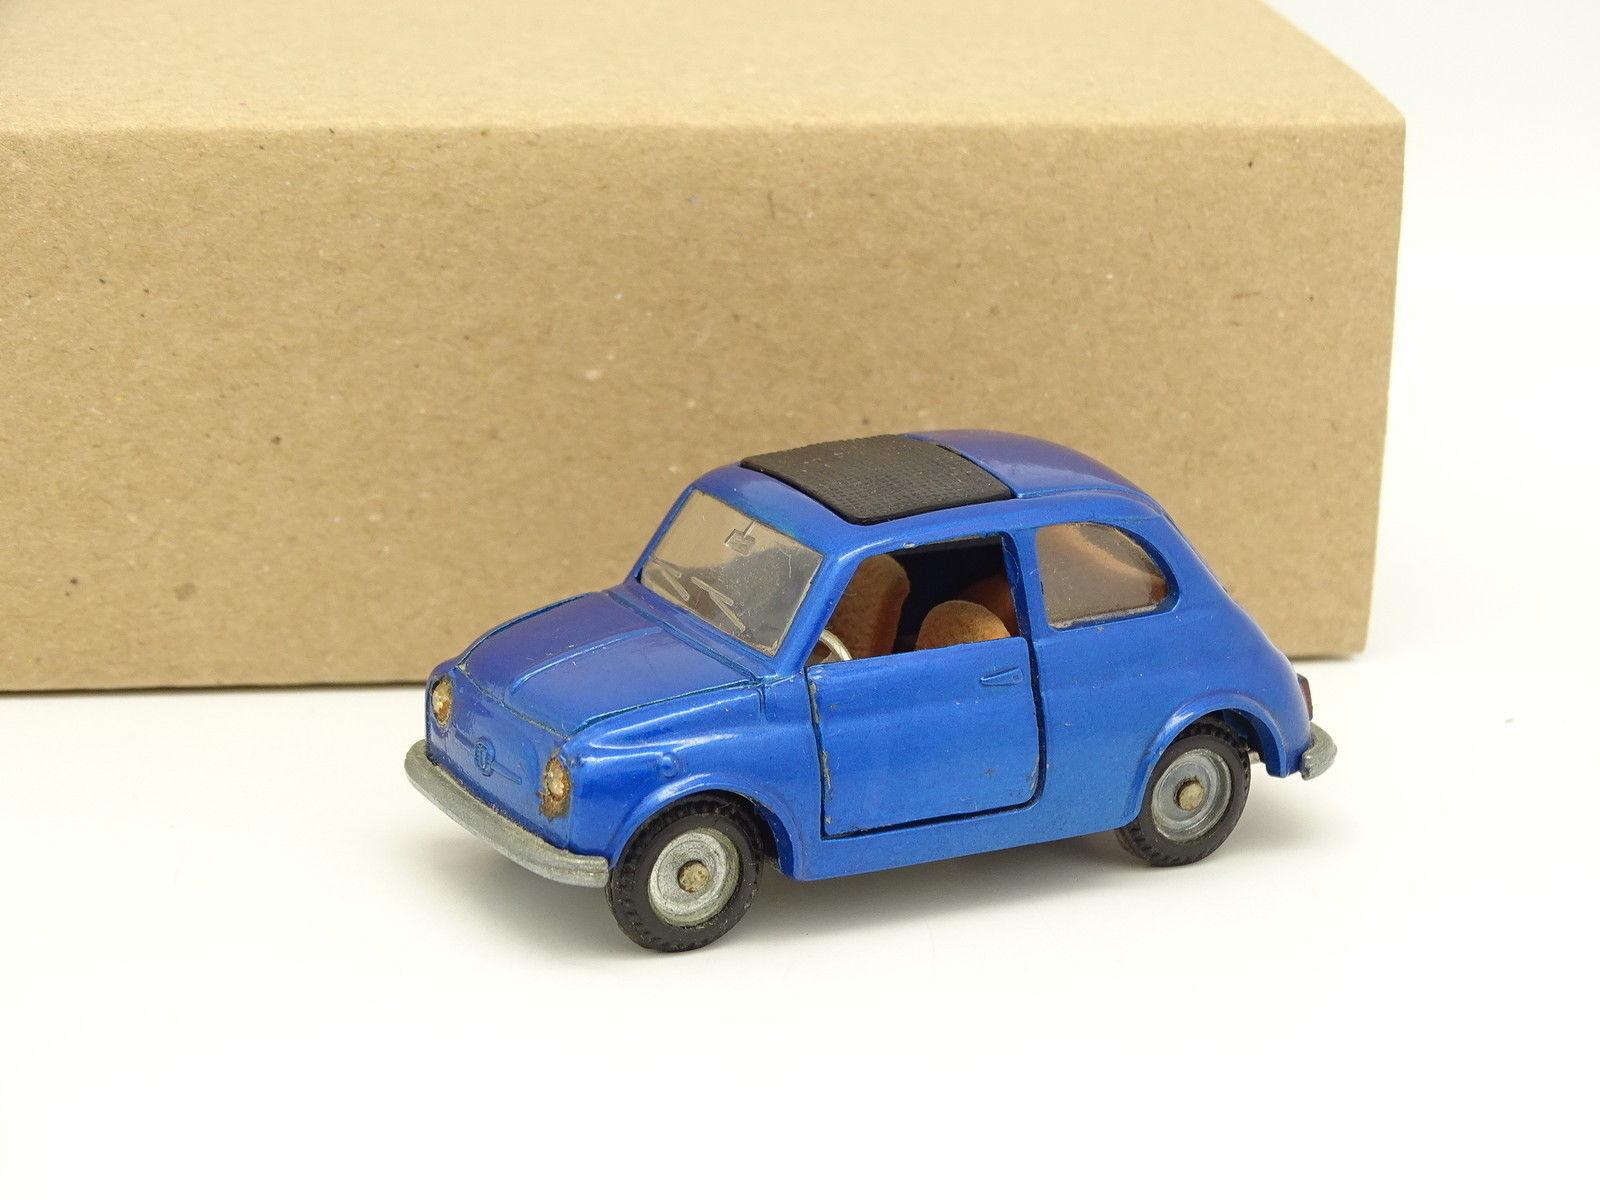 disfrutando de sus compras MebeJuguetes 1 43 - Fiat Fiat Fiat Nuova 500 Azul A36  promociones de equipo